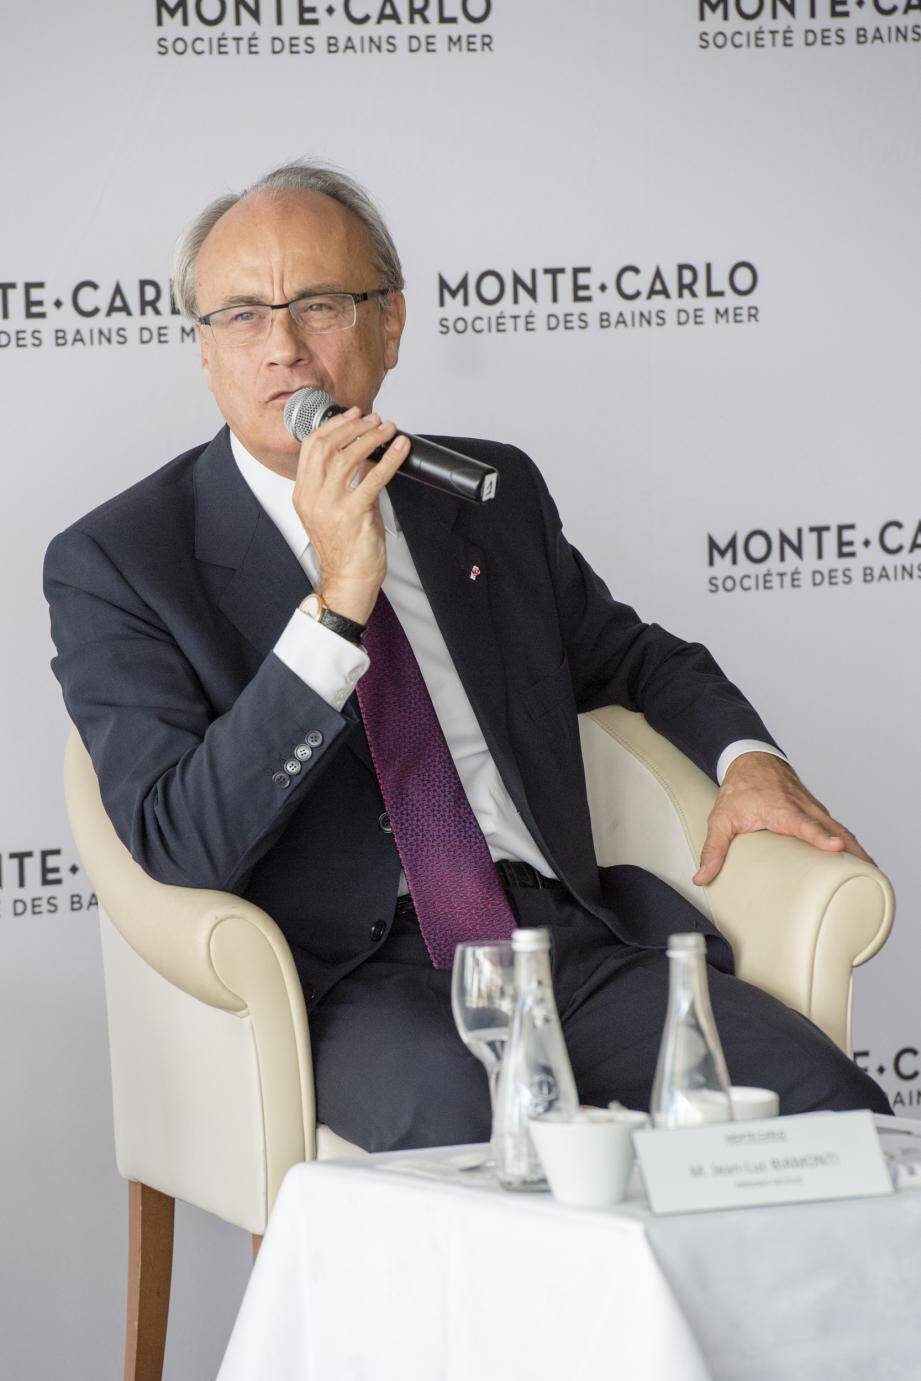 Jean-Luc Biamonti, président délégué de la SBM, hier, en conférence de presse dans la salle des Palmiers du Sporting d'été.